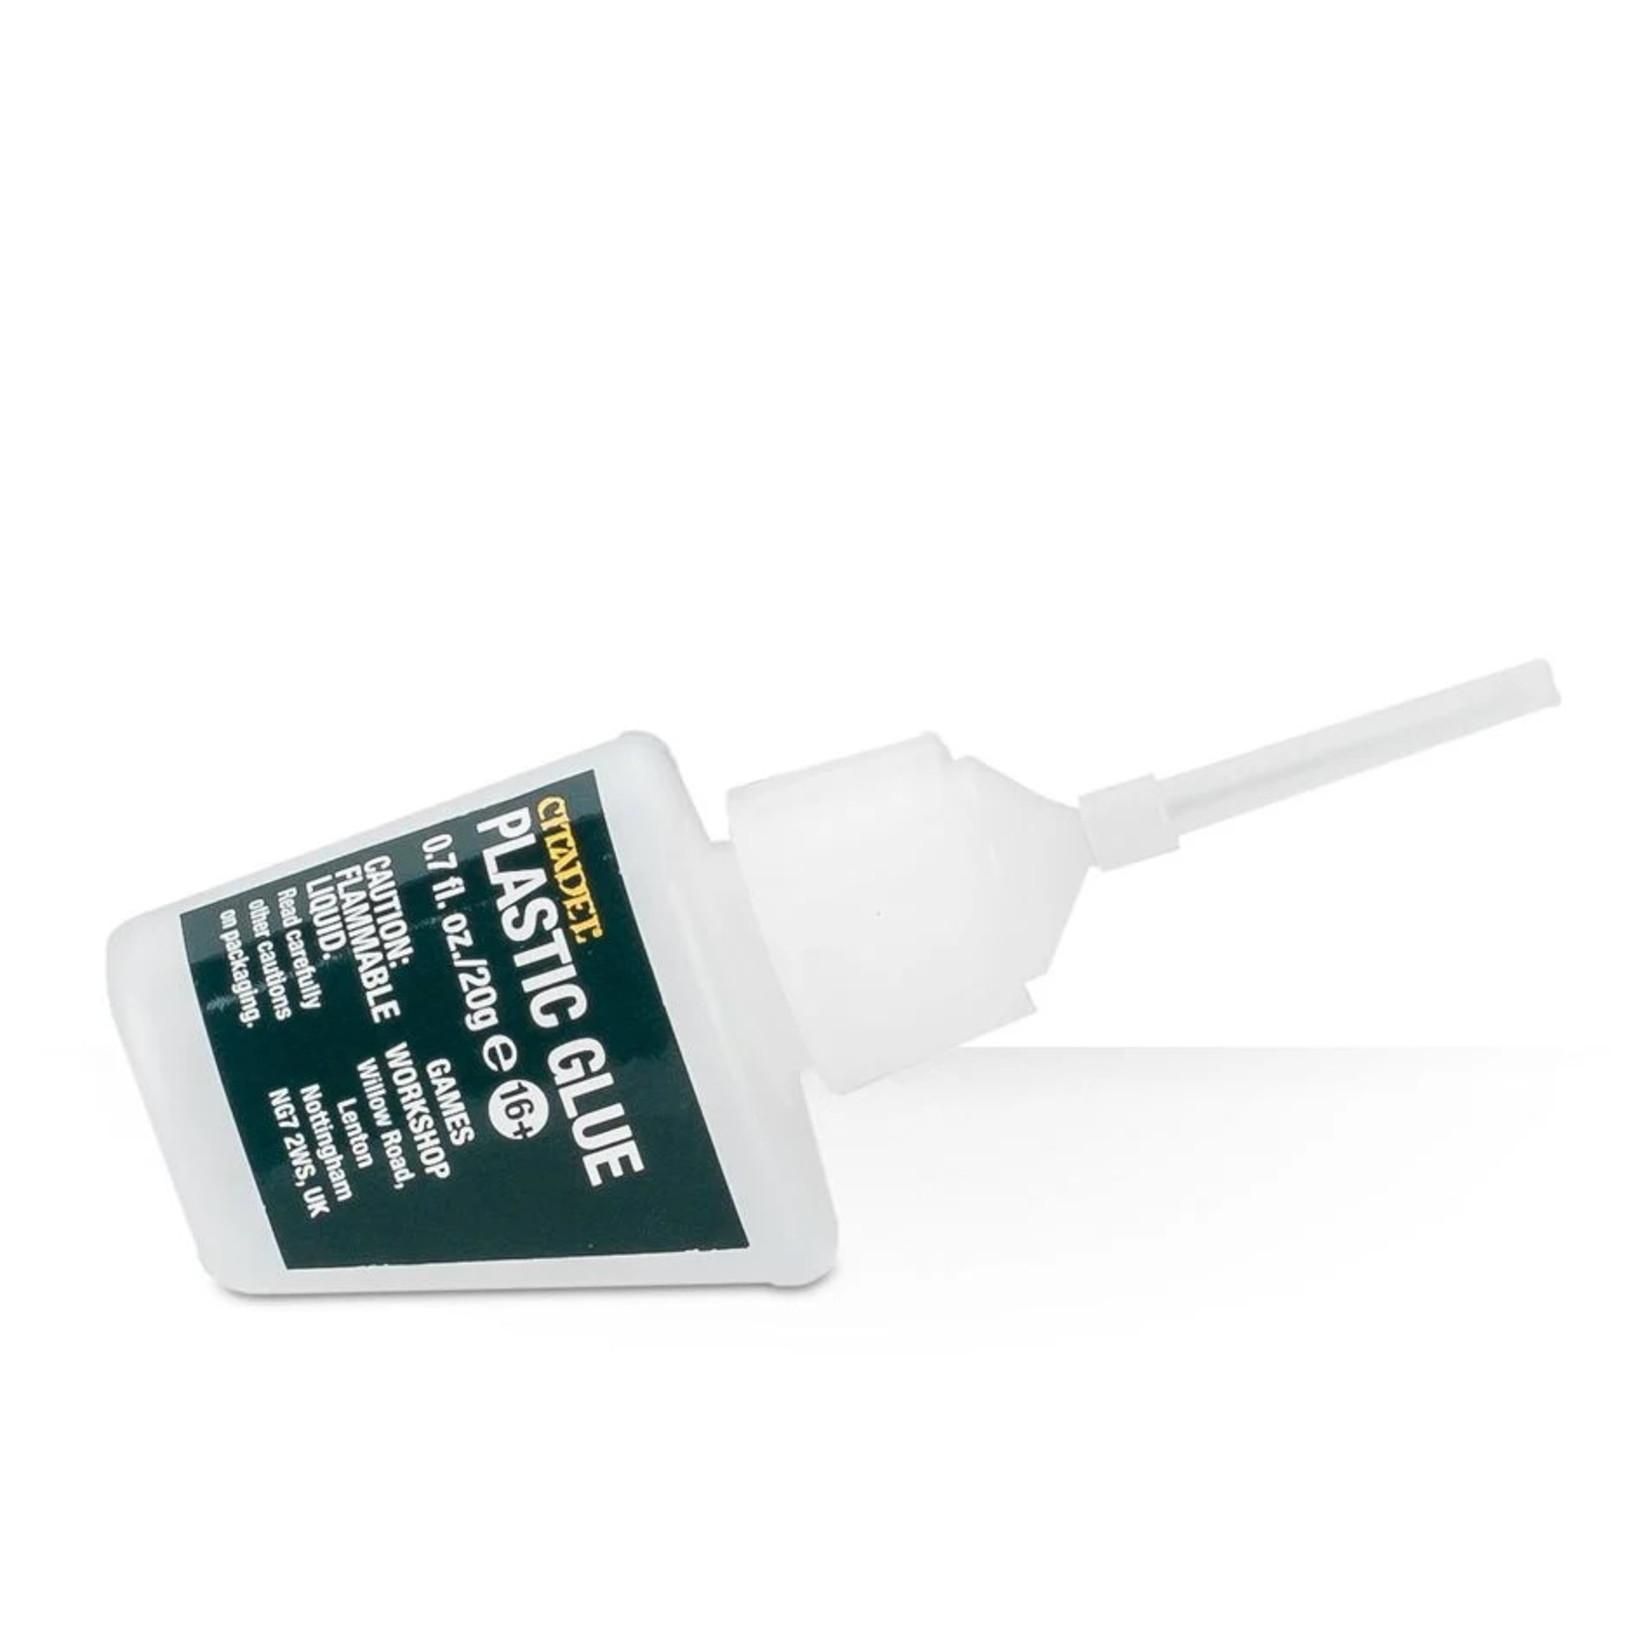 Games Workshop Citadel Plastic Glue